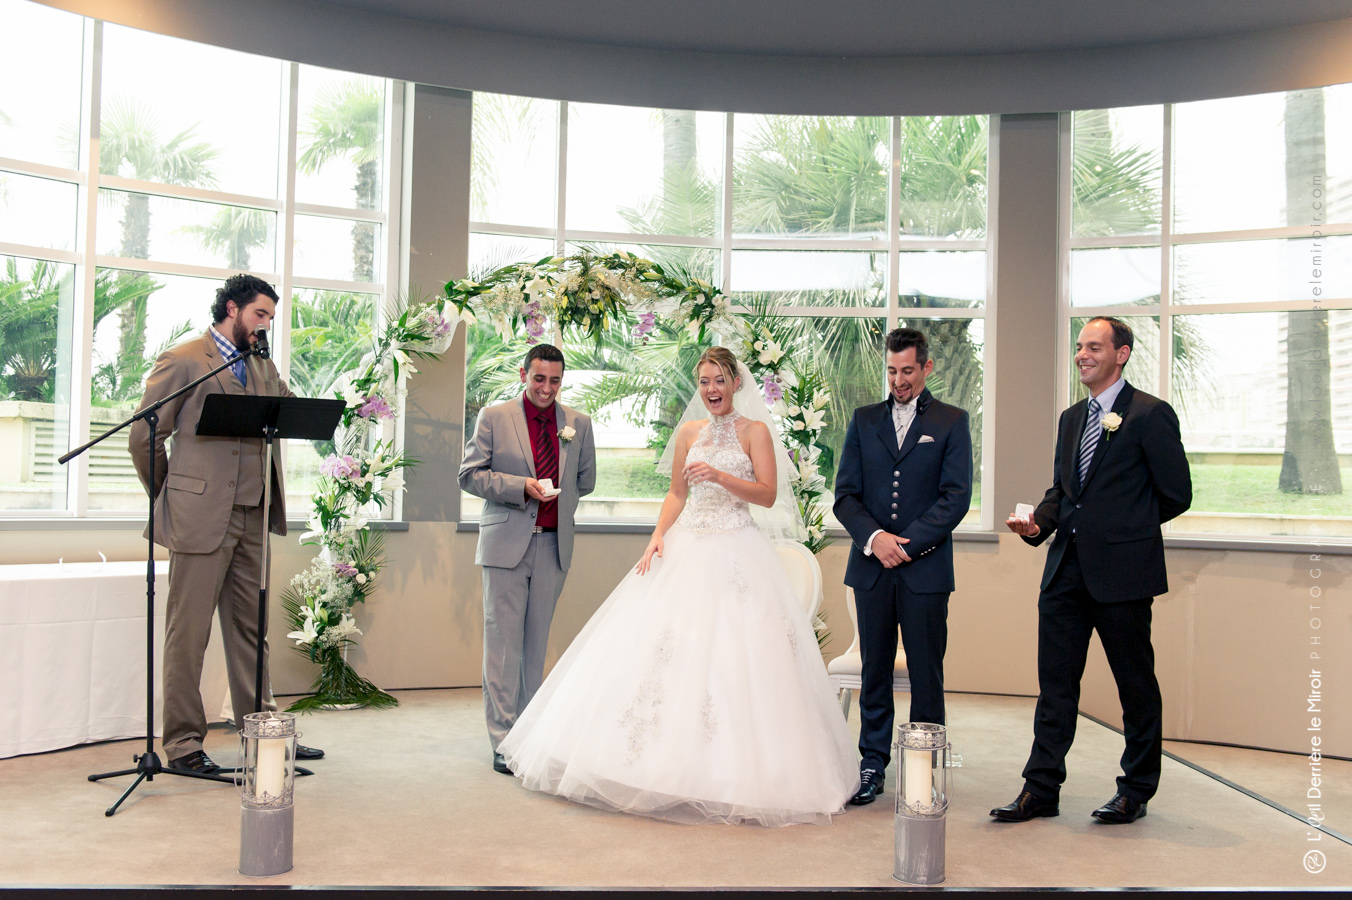 Photographe-mariage-monaco-loeilderrierelemiroir-053